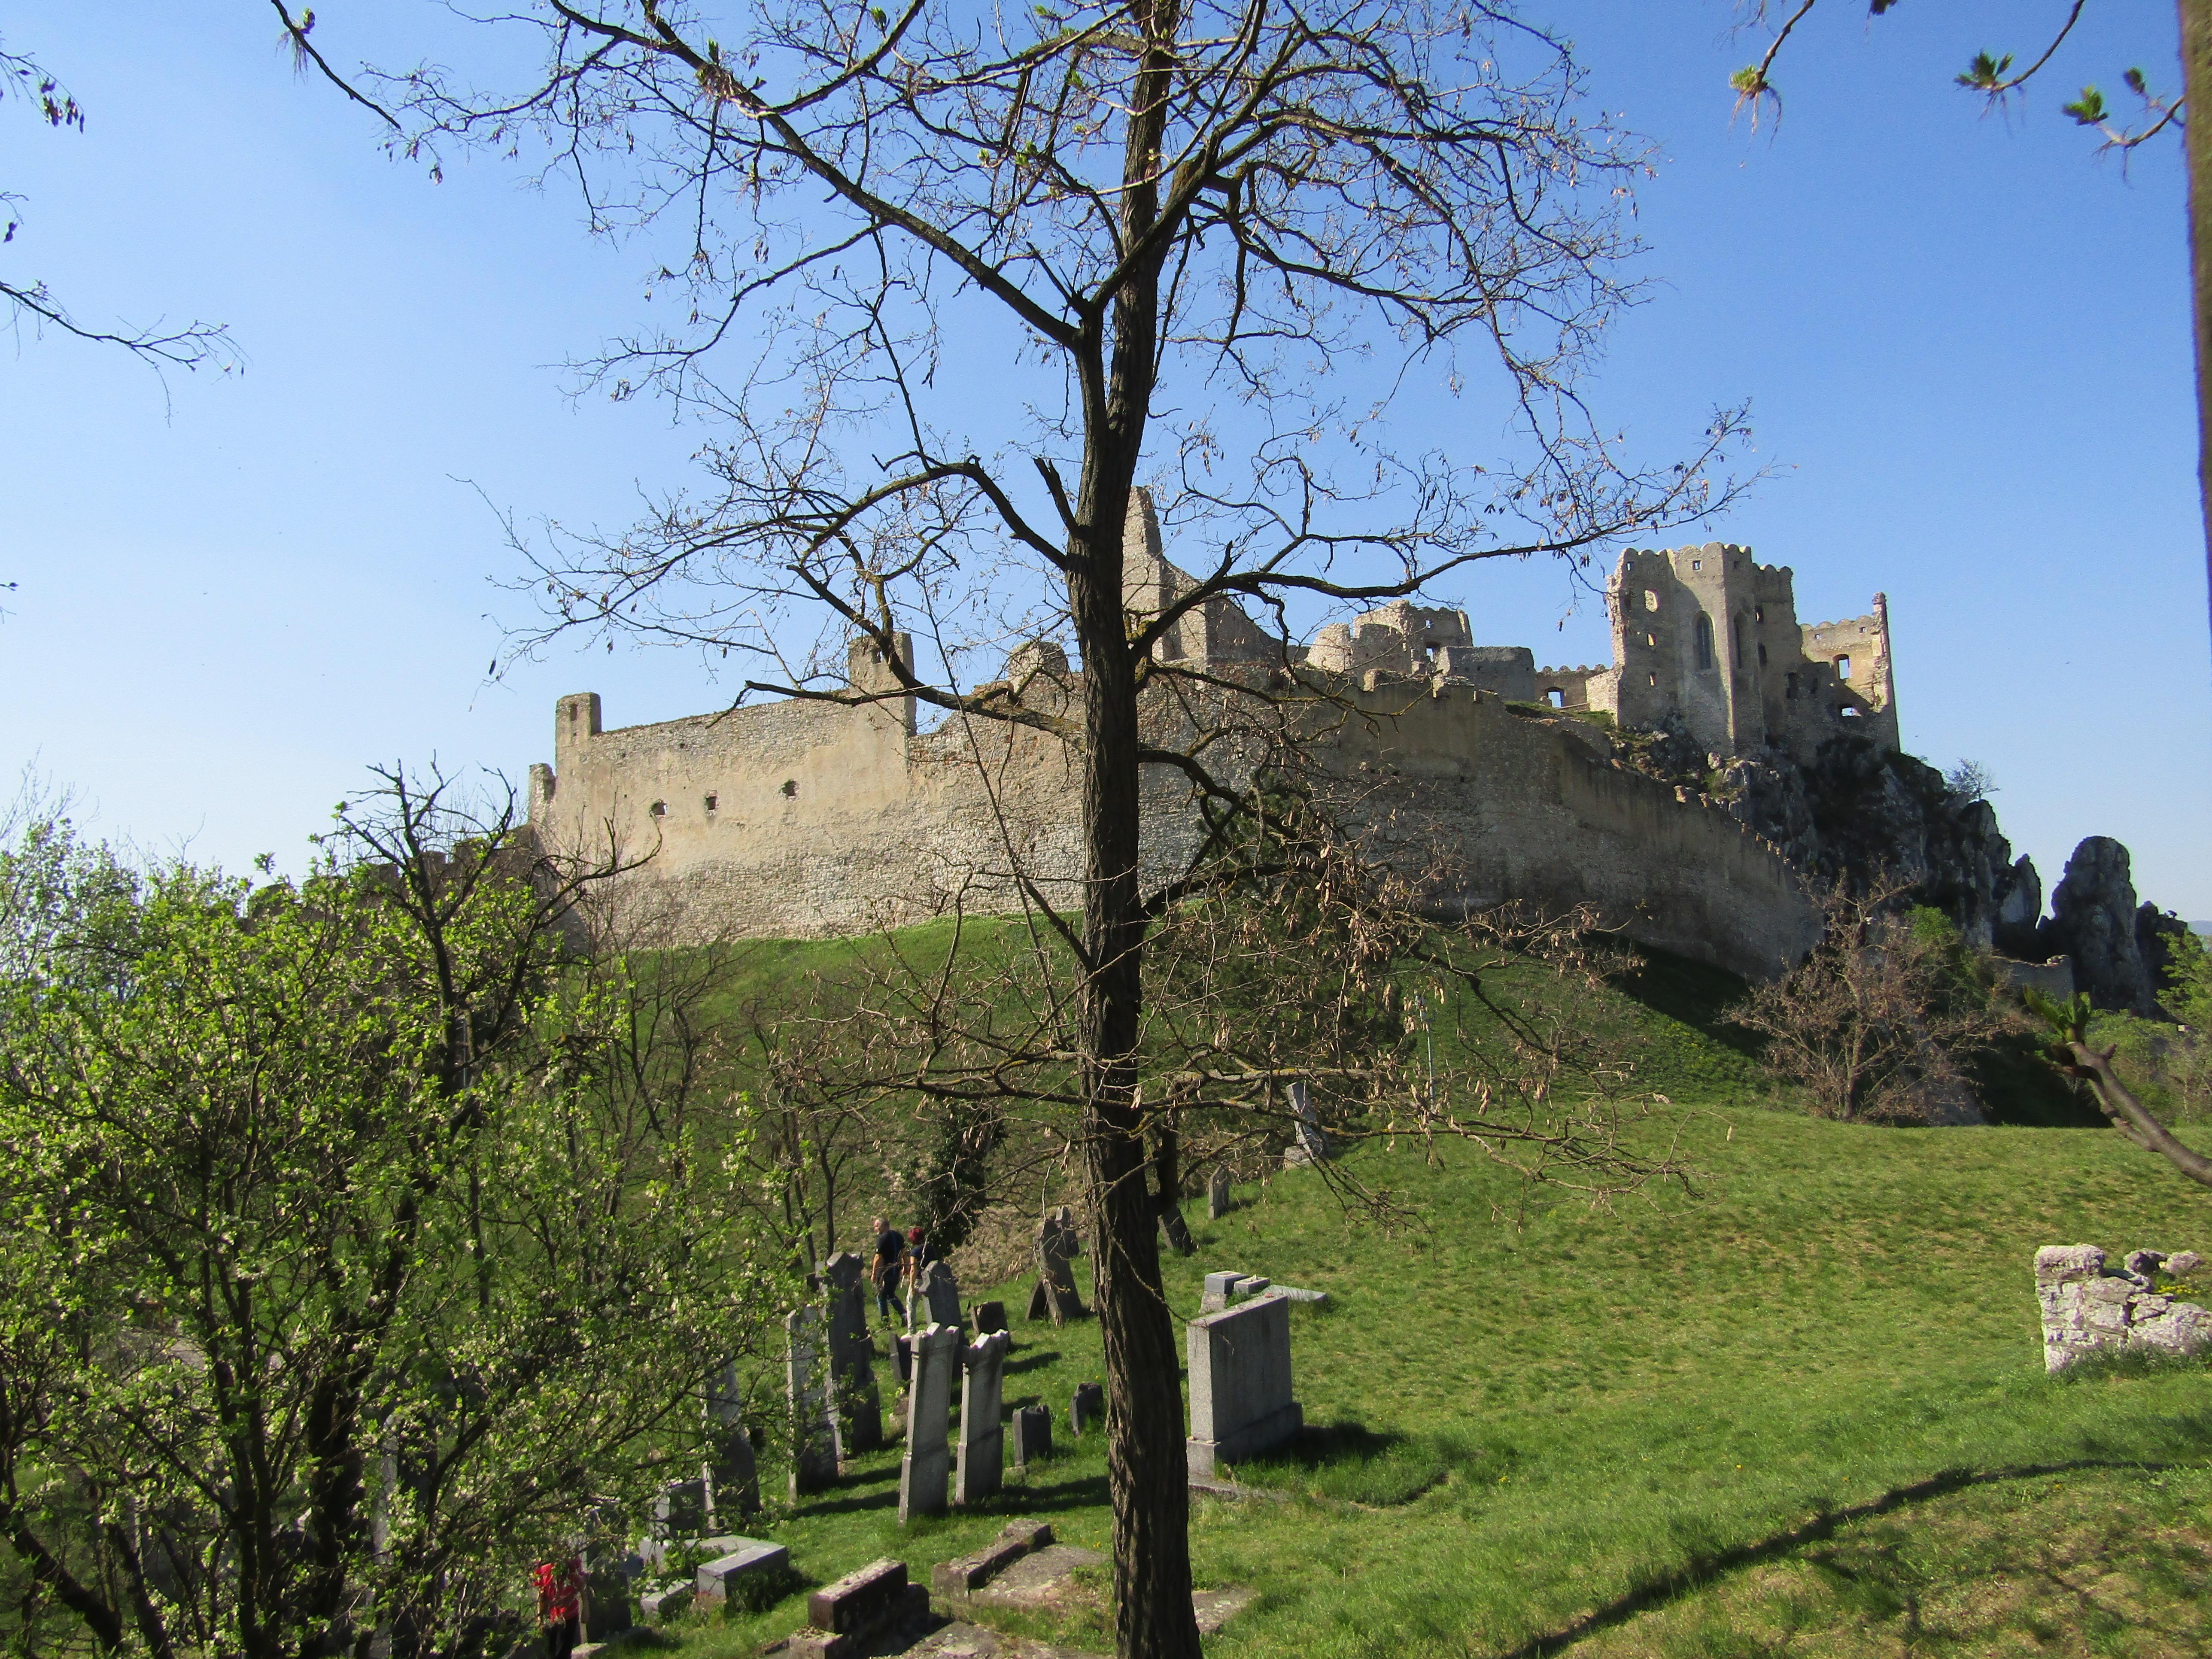 castello di beckov